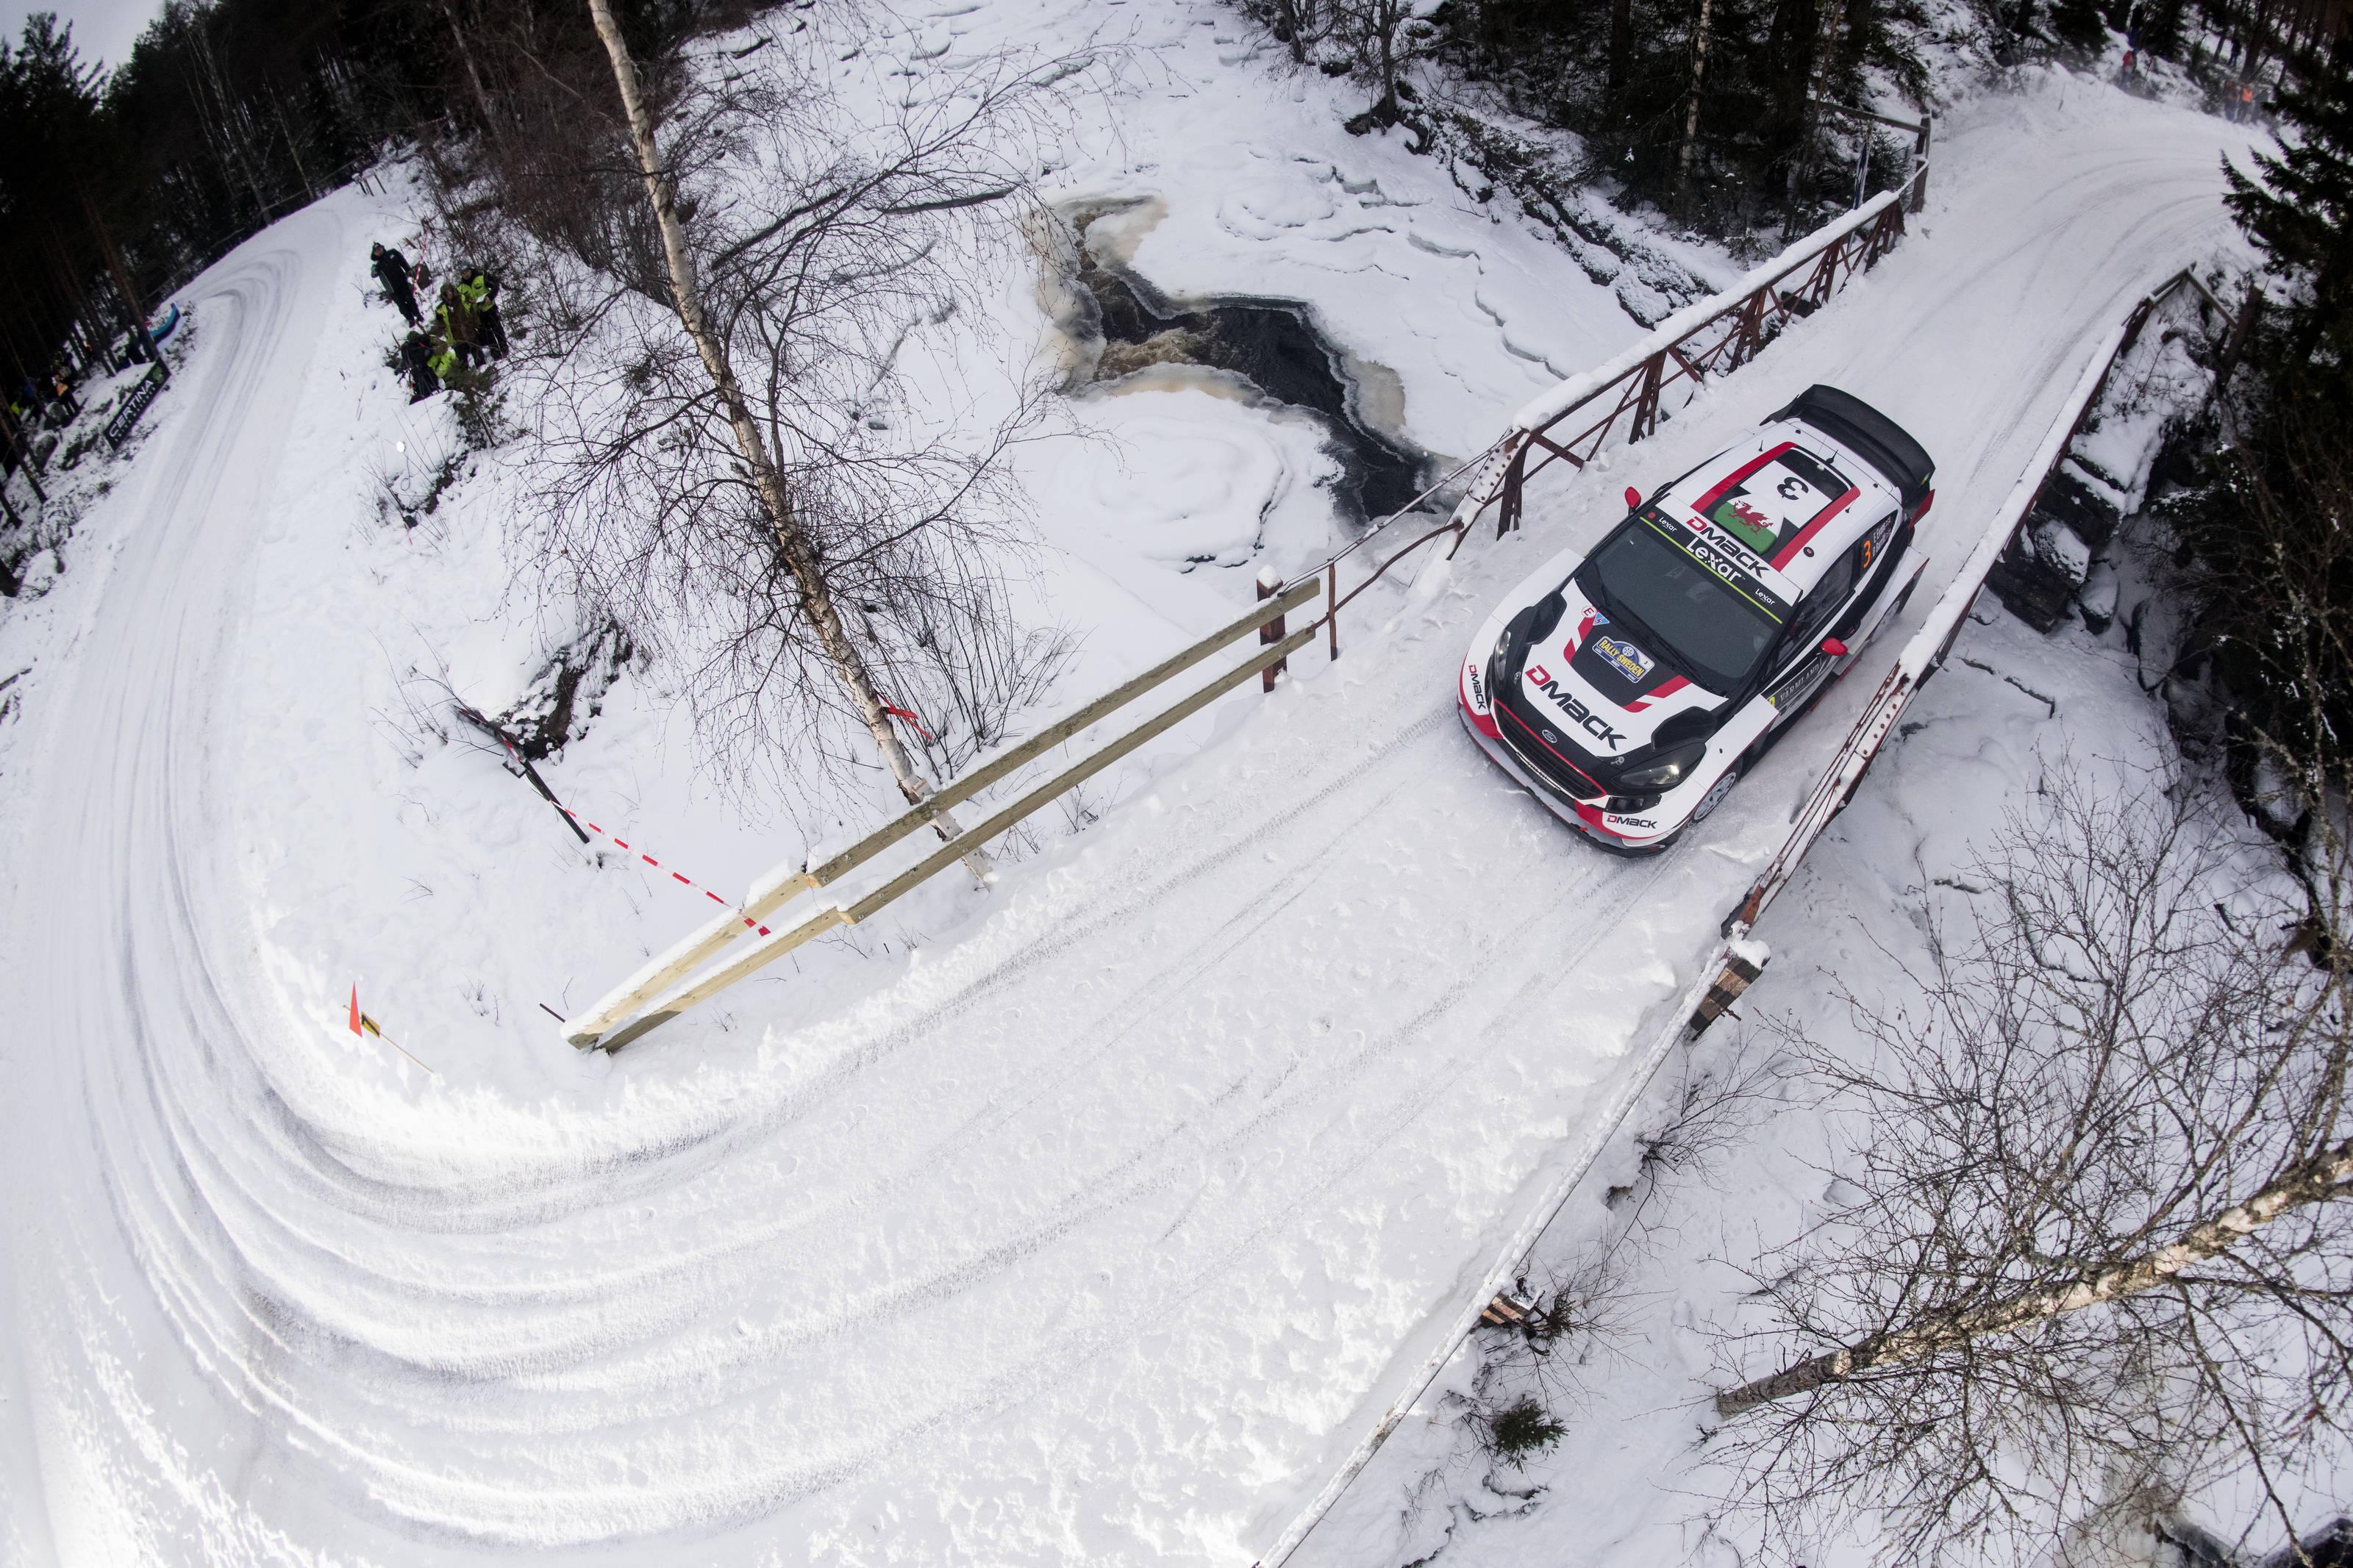 http://www.autosport.bg/wp-content/uploads/2018/02/AP-1R2W57EHS2111_news.jpg